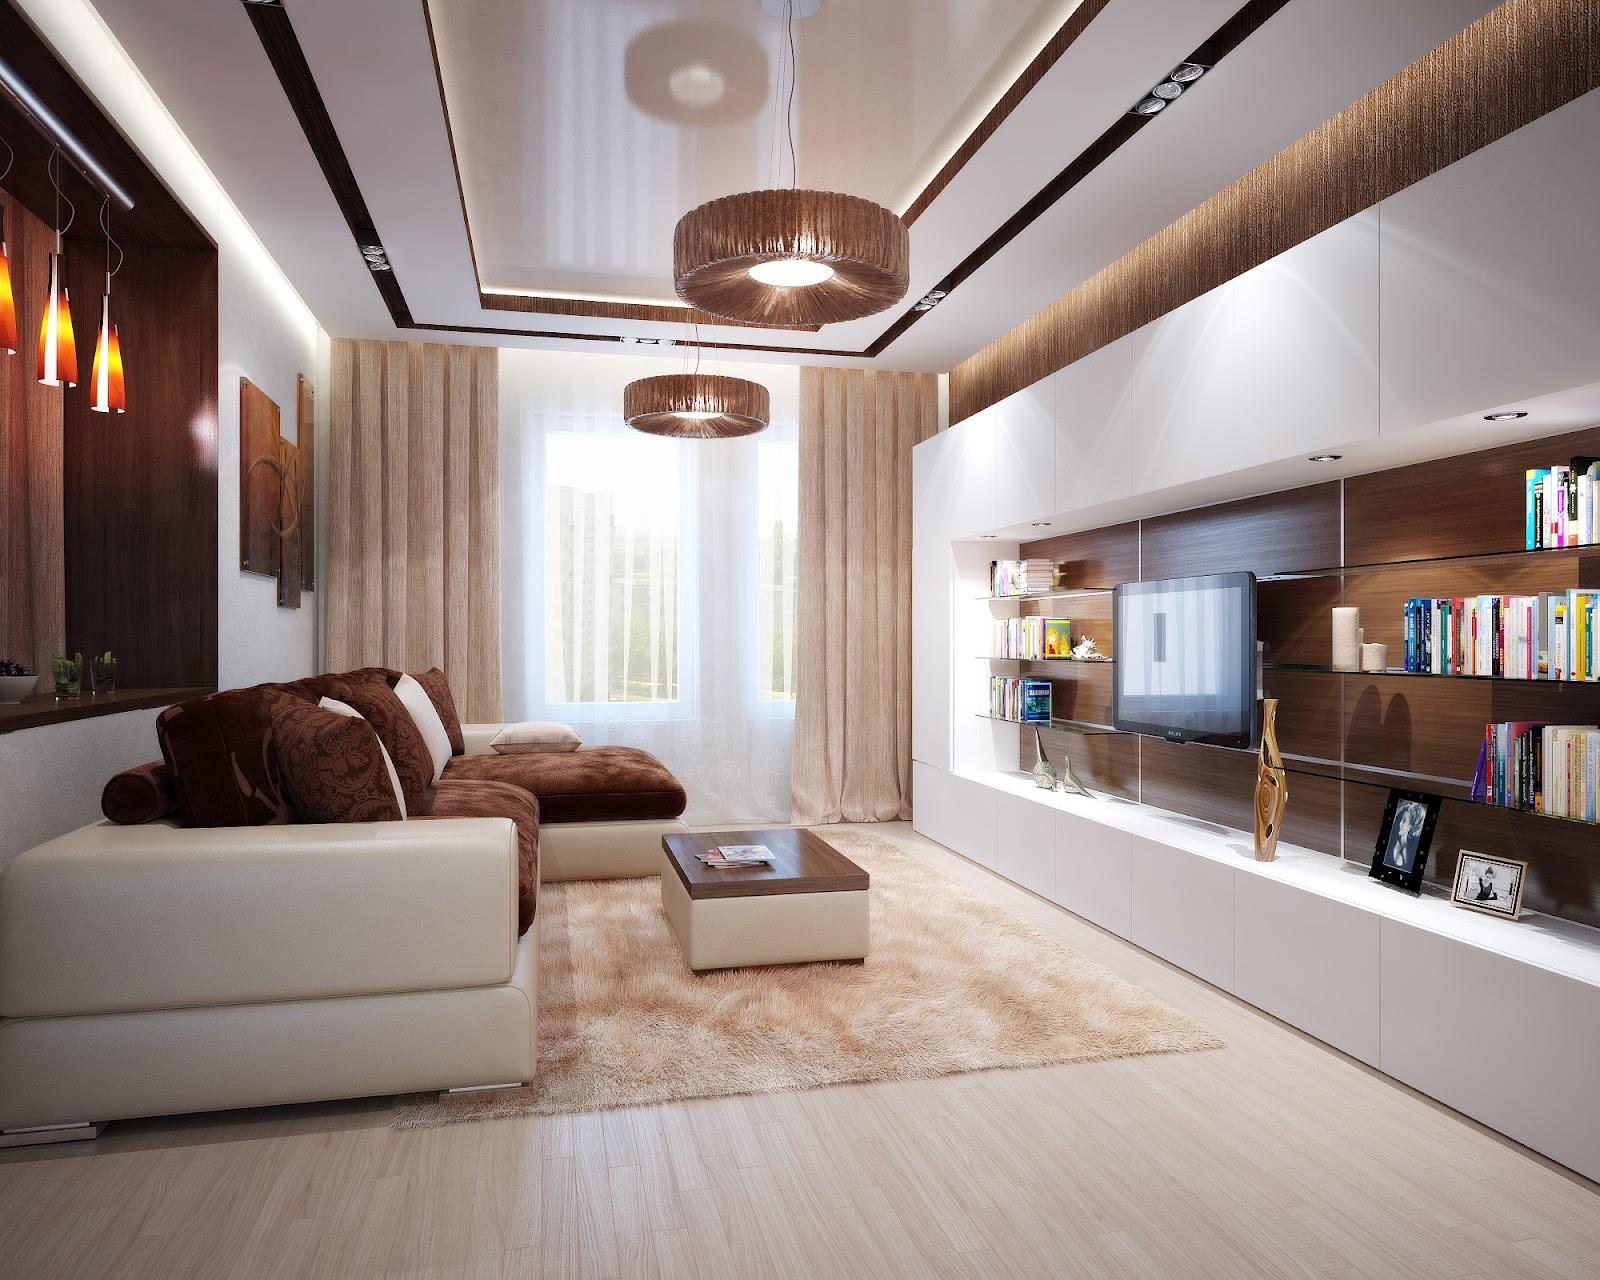 Интерьер гостиной 20 кв.м фото с угловым диваном